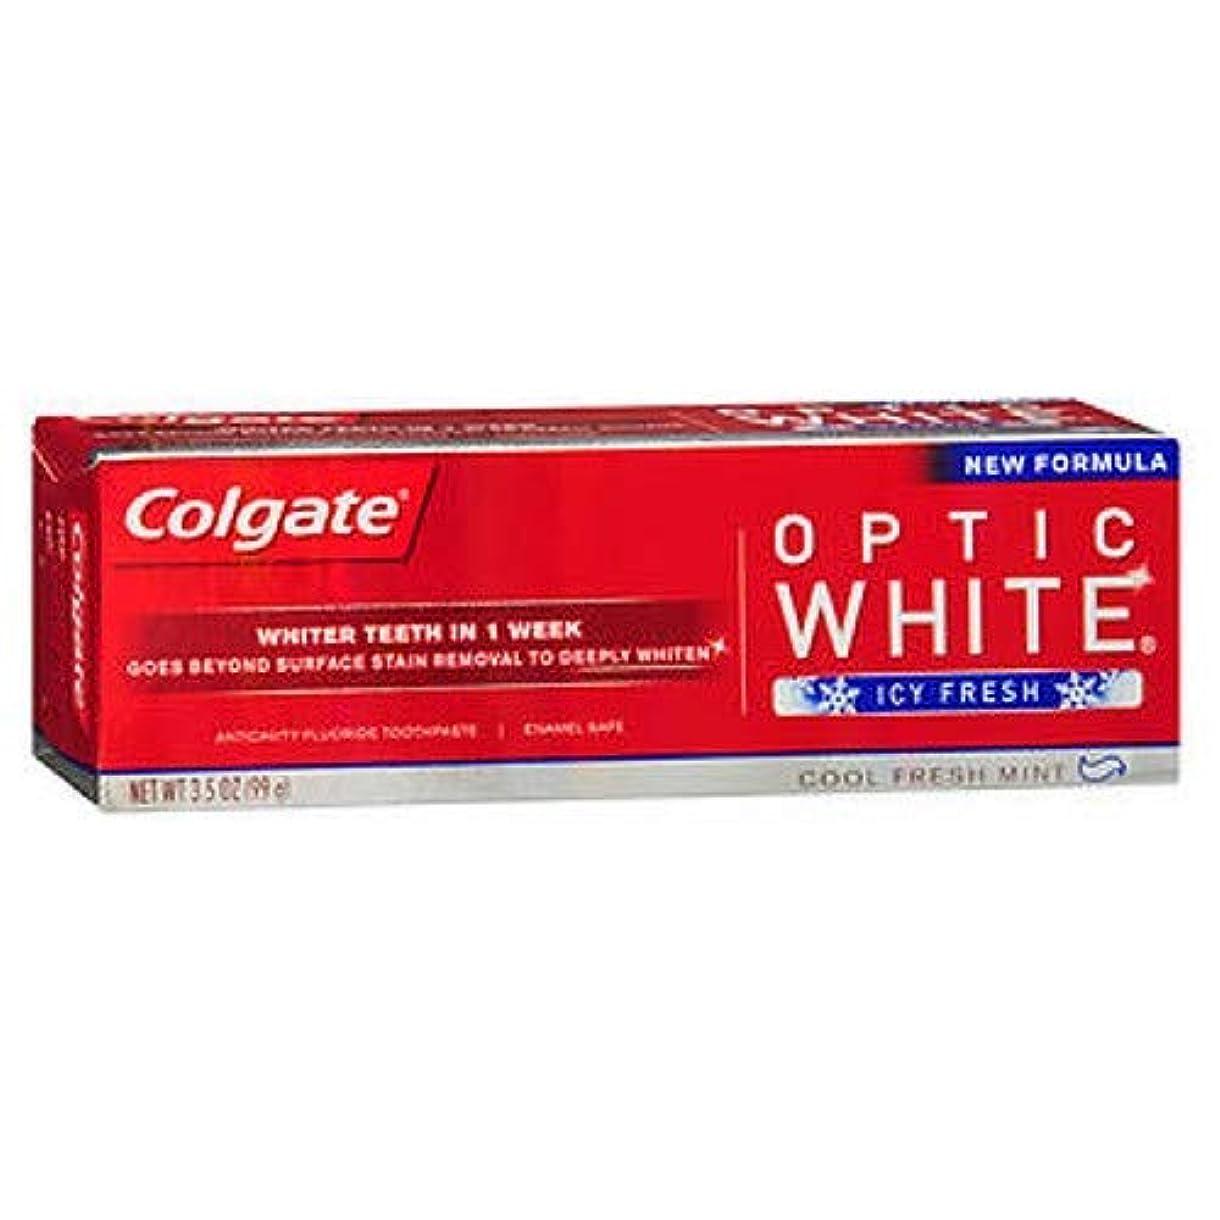 オーストラリア人答え小切手Colgate Optic White コルゲート Icy Fresh アドバンス ホワイトニング 99g